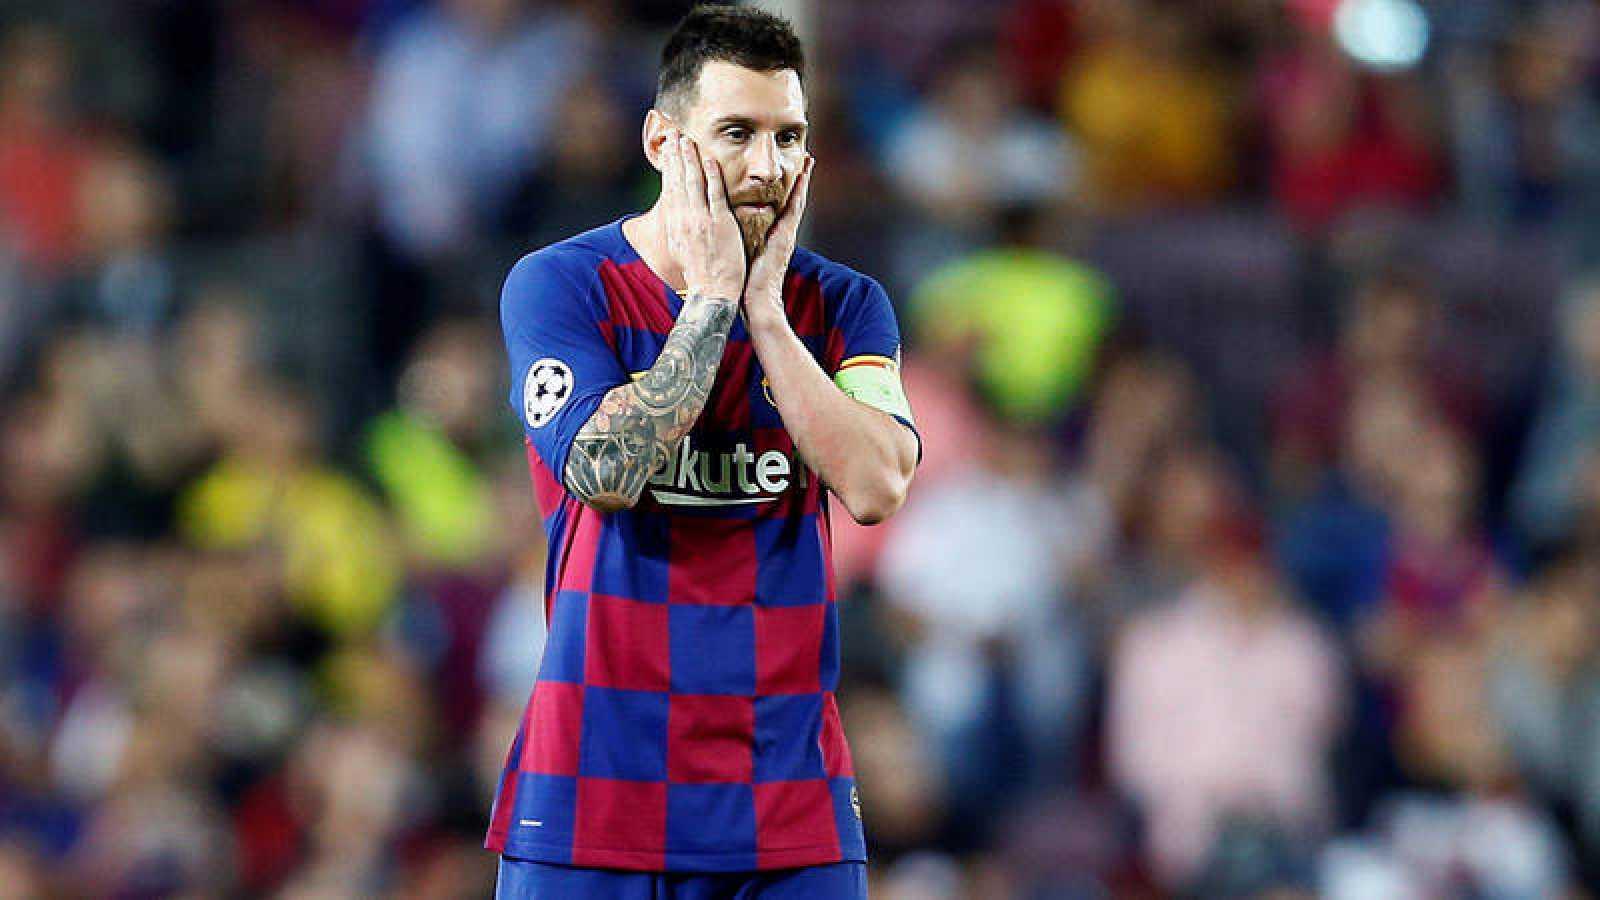 El delnatero del FC Barcelona Leo Messi, durante el partido ante el Inter.